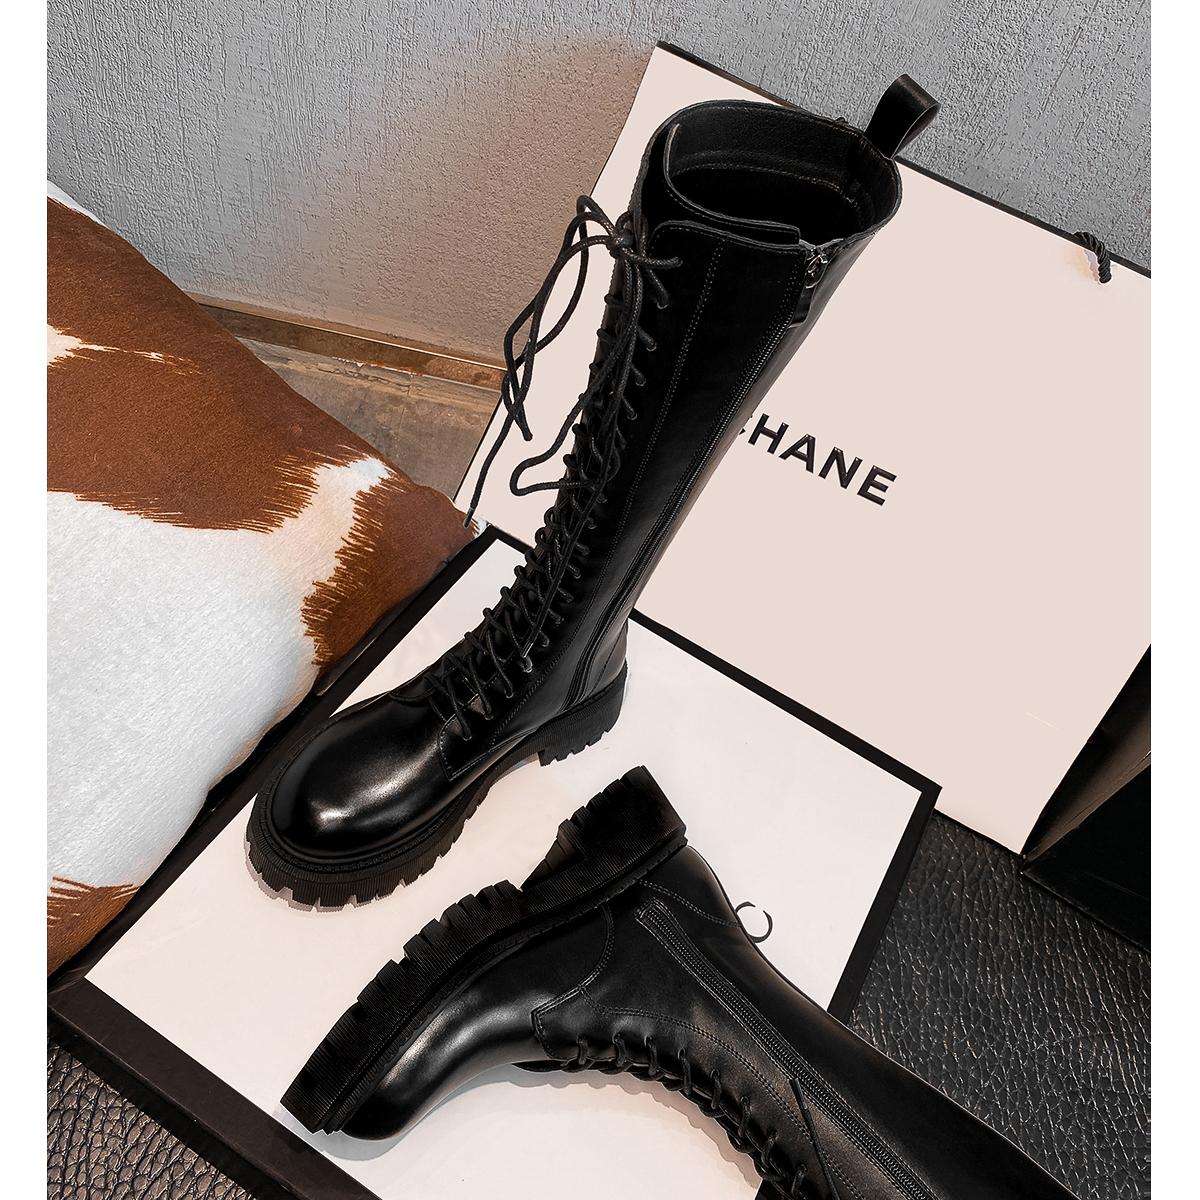 马丁靴黑色厚底显瘦系带高筒靴子长筒骑士靴女2021春夏季新款长靴